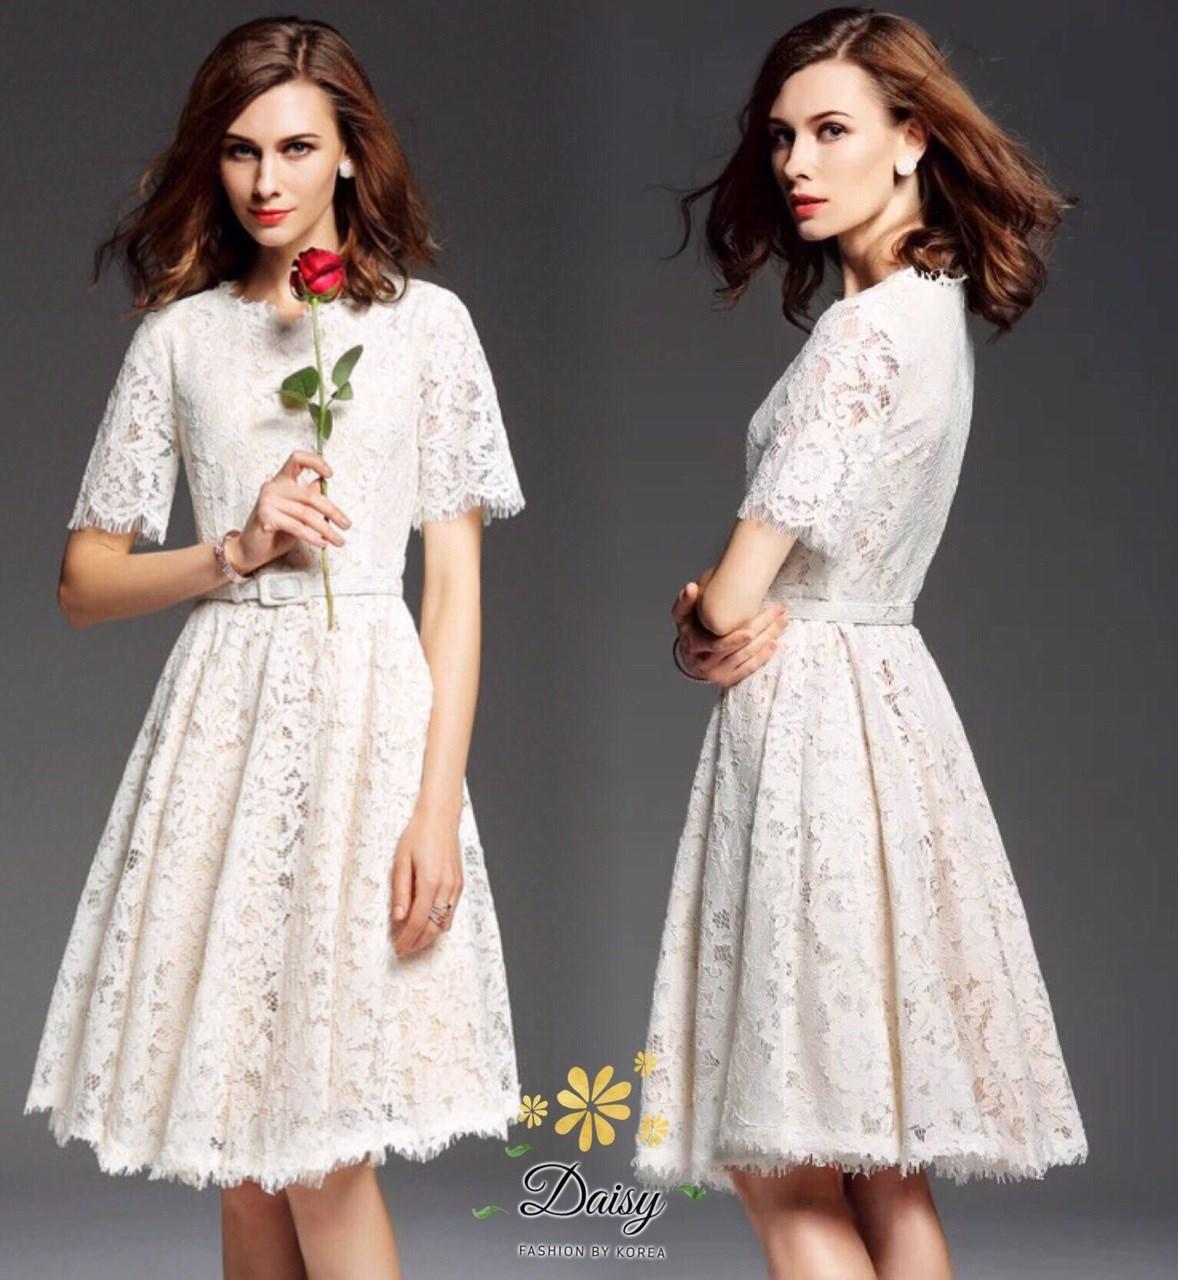 ชุดเดรสผ้าลูกไม้ชนิดนิ่ม ชุดใช้ผ้าลูกไม้ลายดอกสีขาว